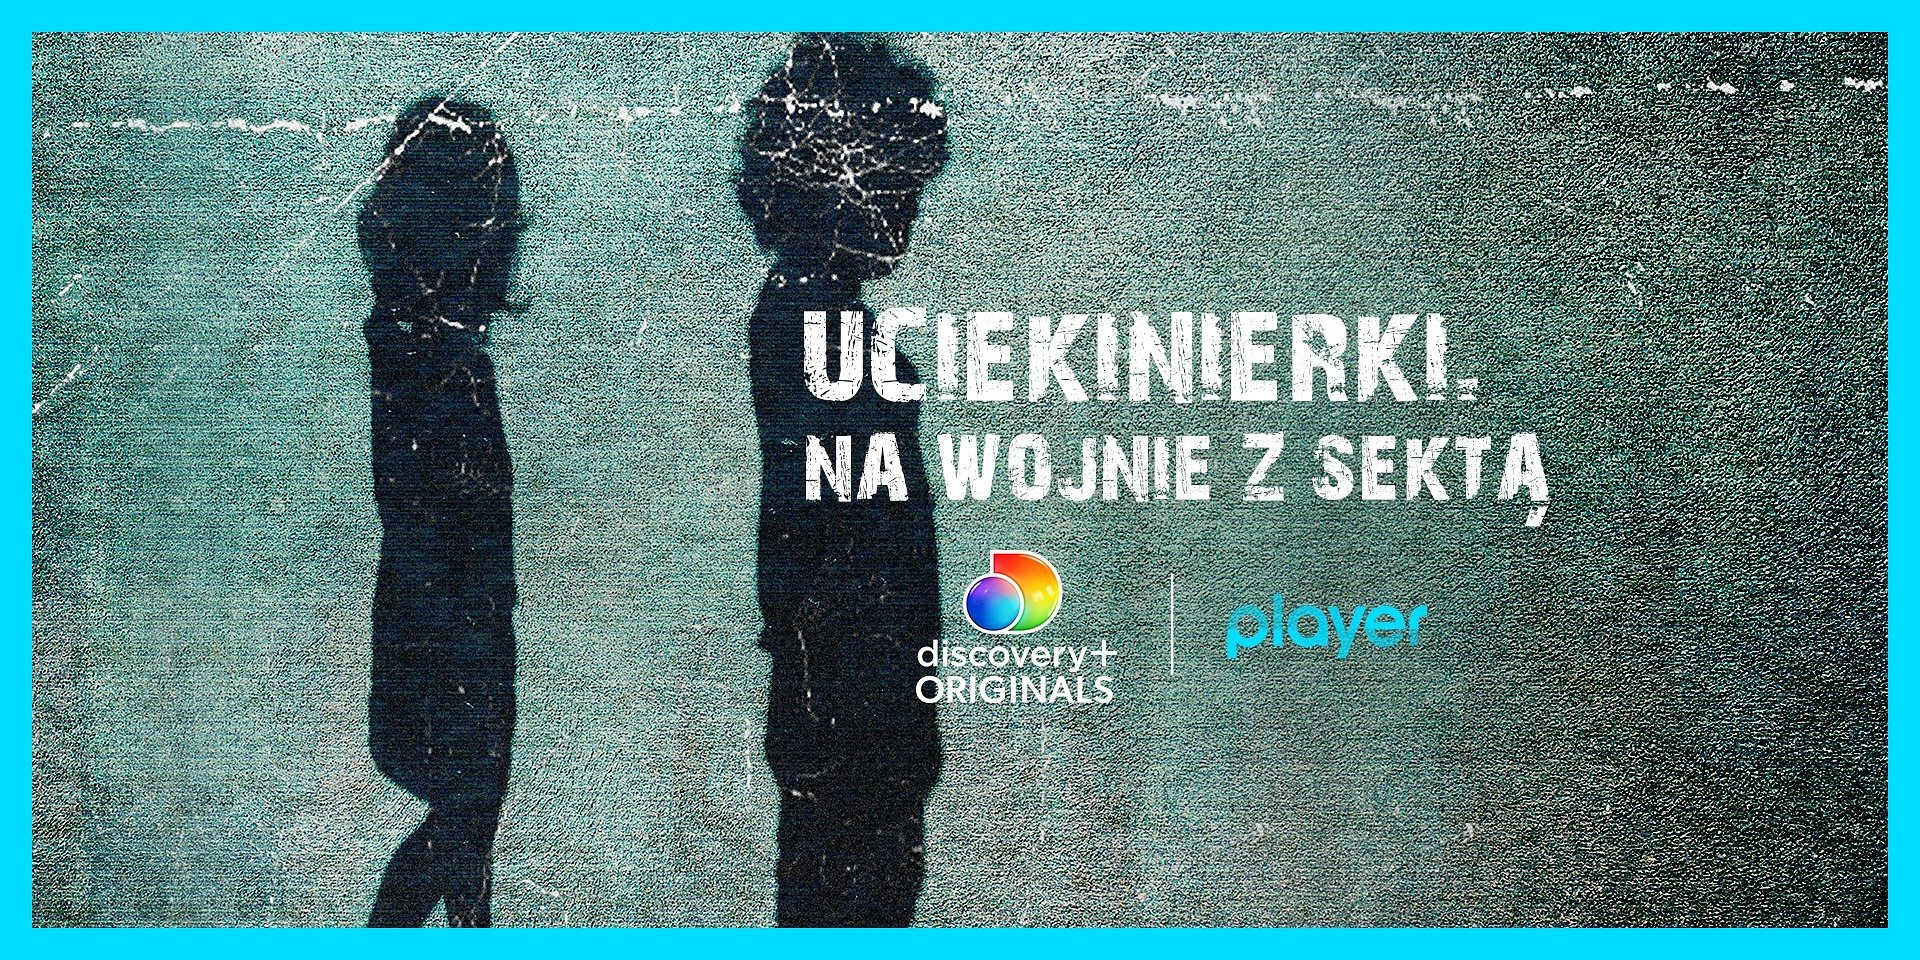 """""""Uciekinierki. Na wojnie z sektą"""" – nowa seria dokumentalna discovery+ Originals w Playerze!"""